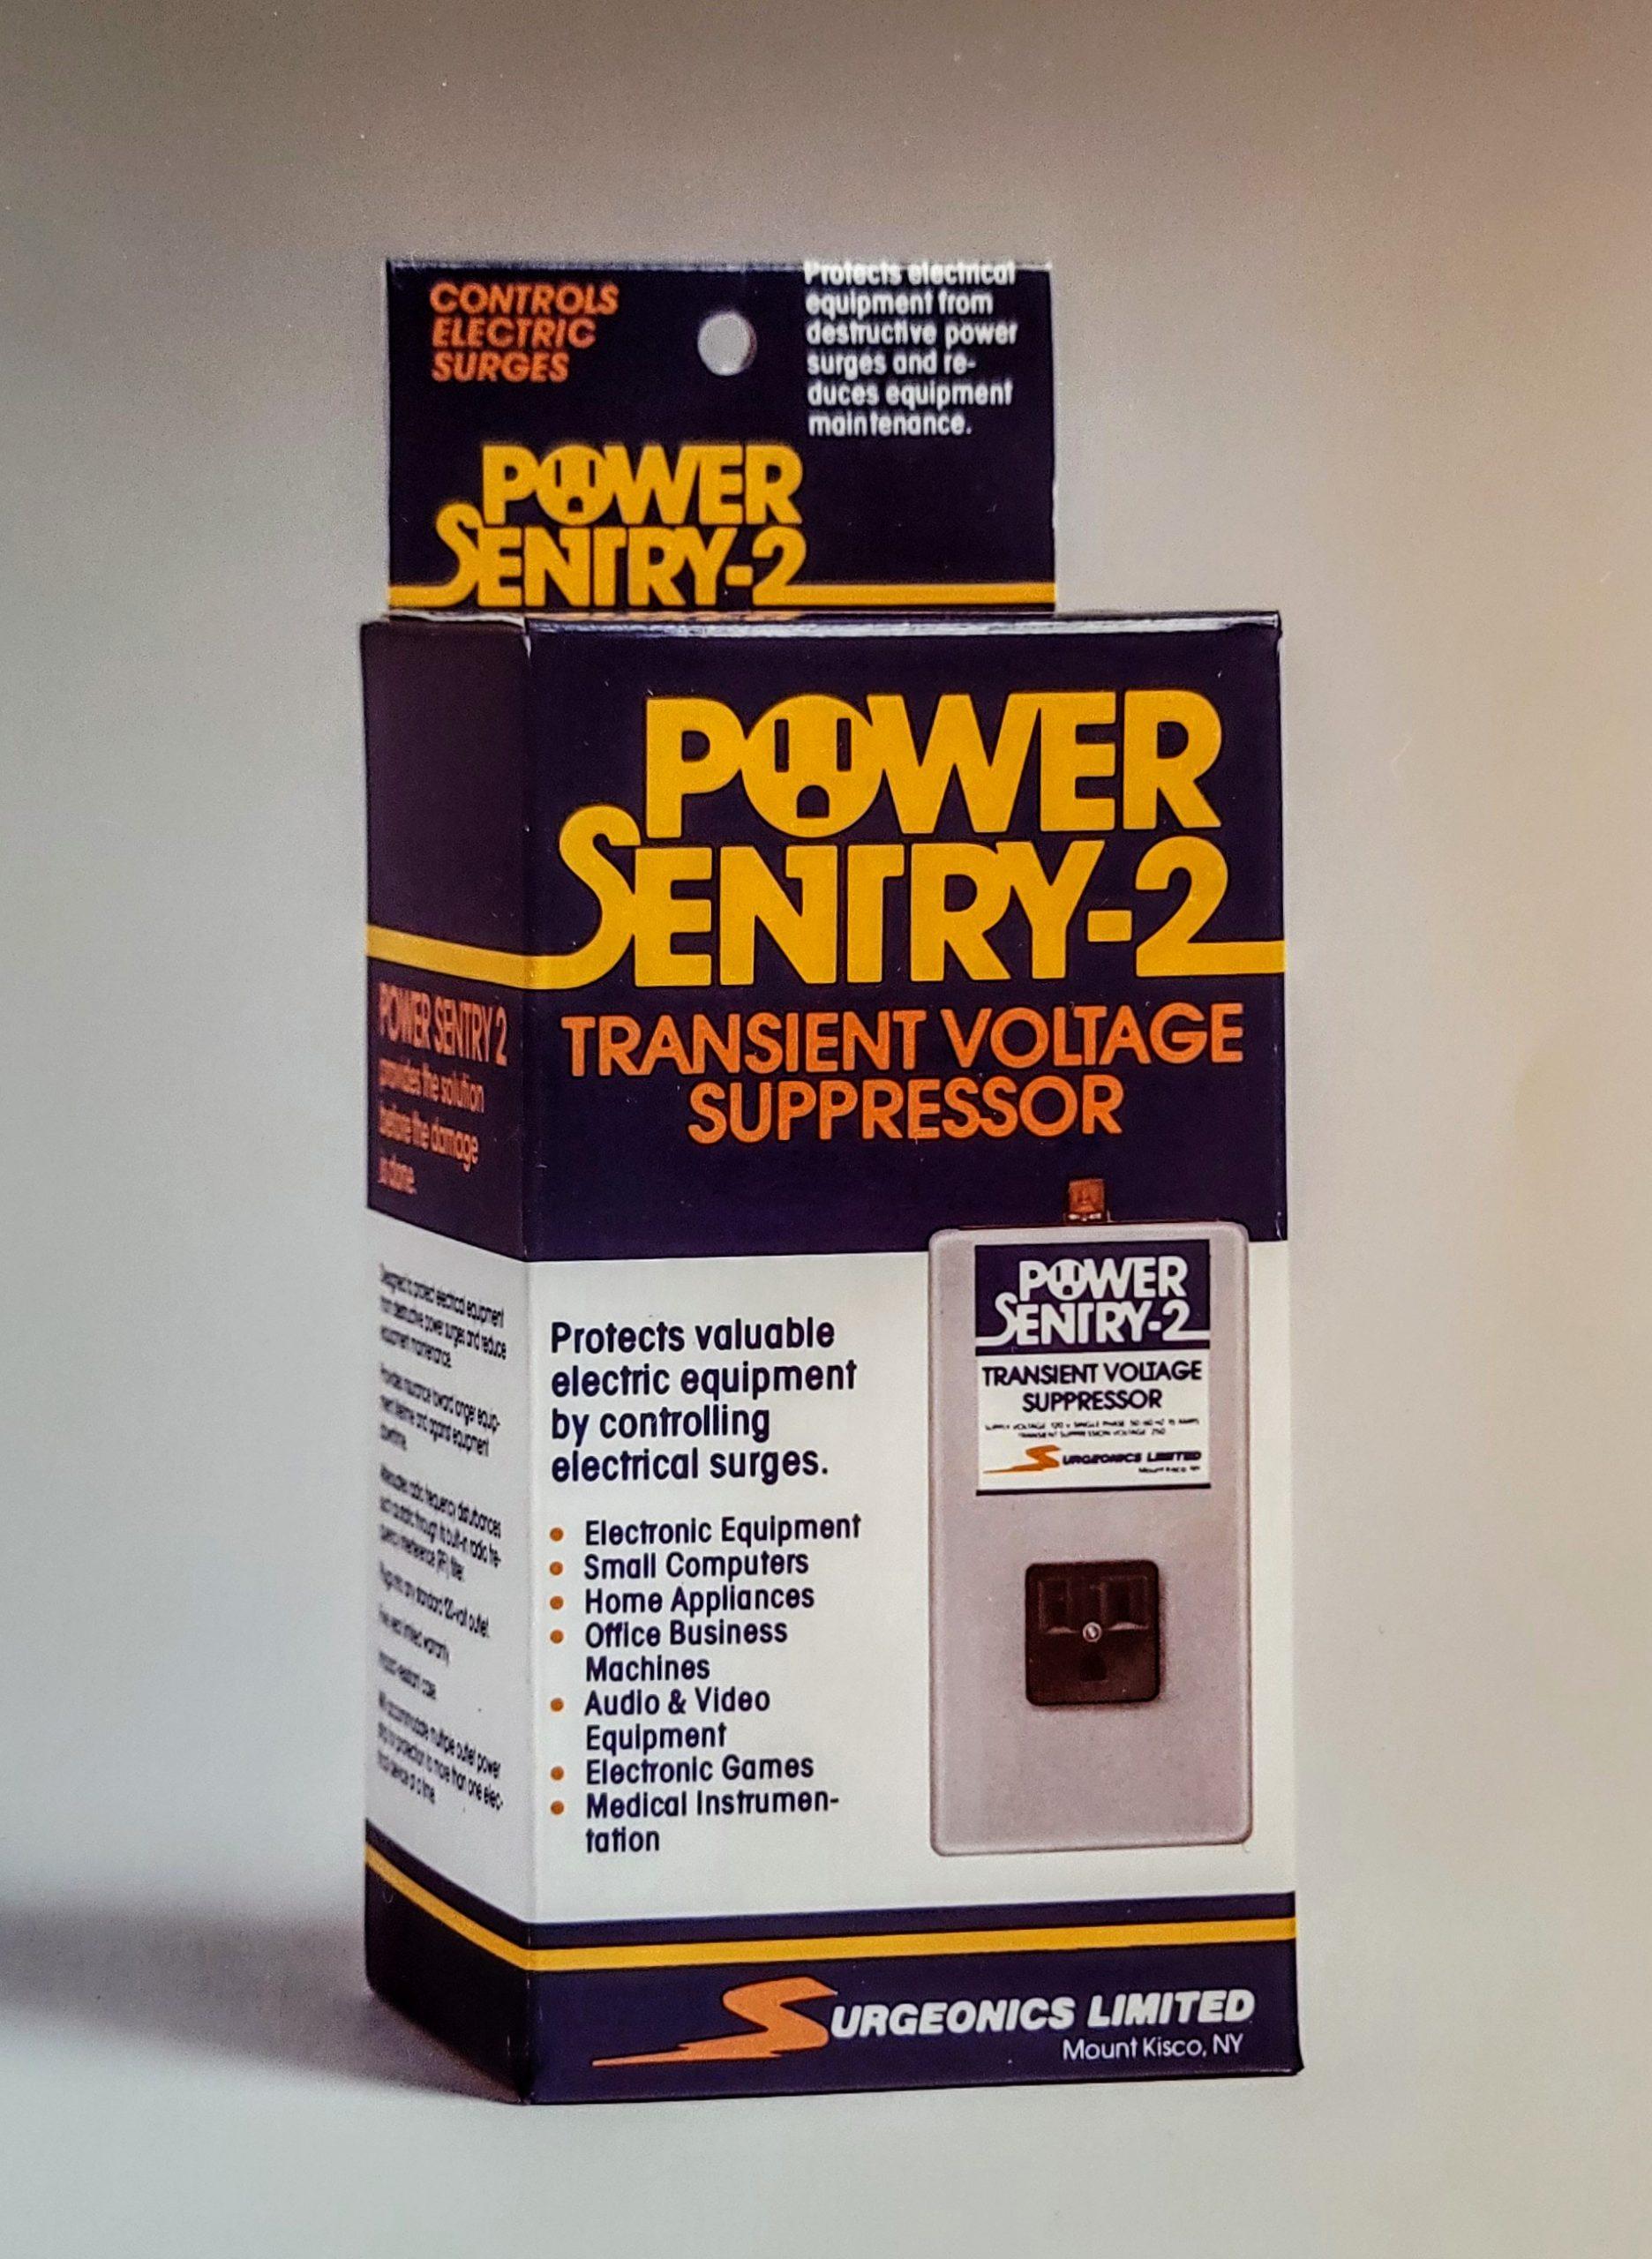 surgeonics_power sentry_3